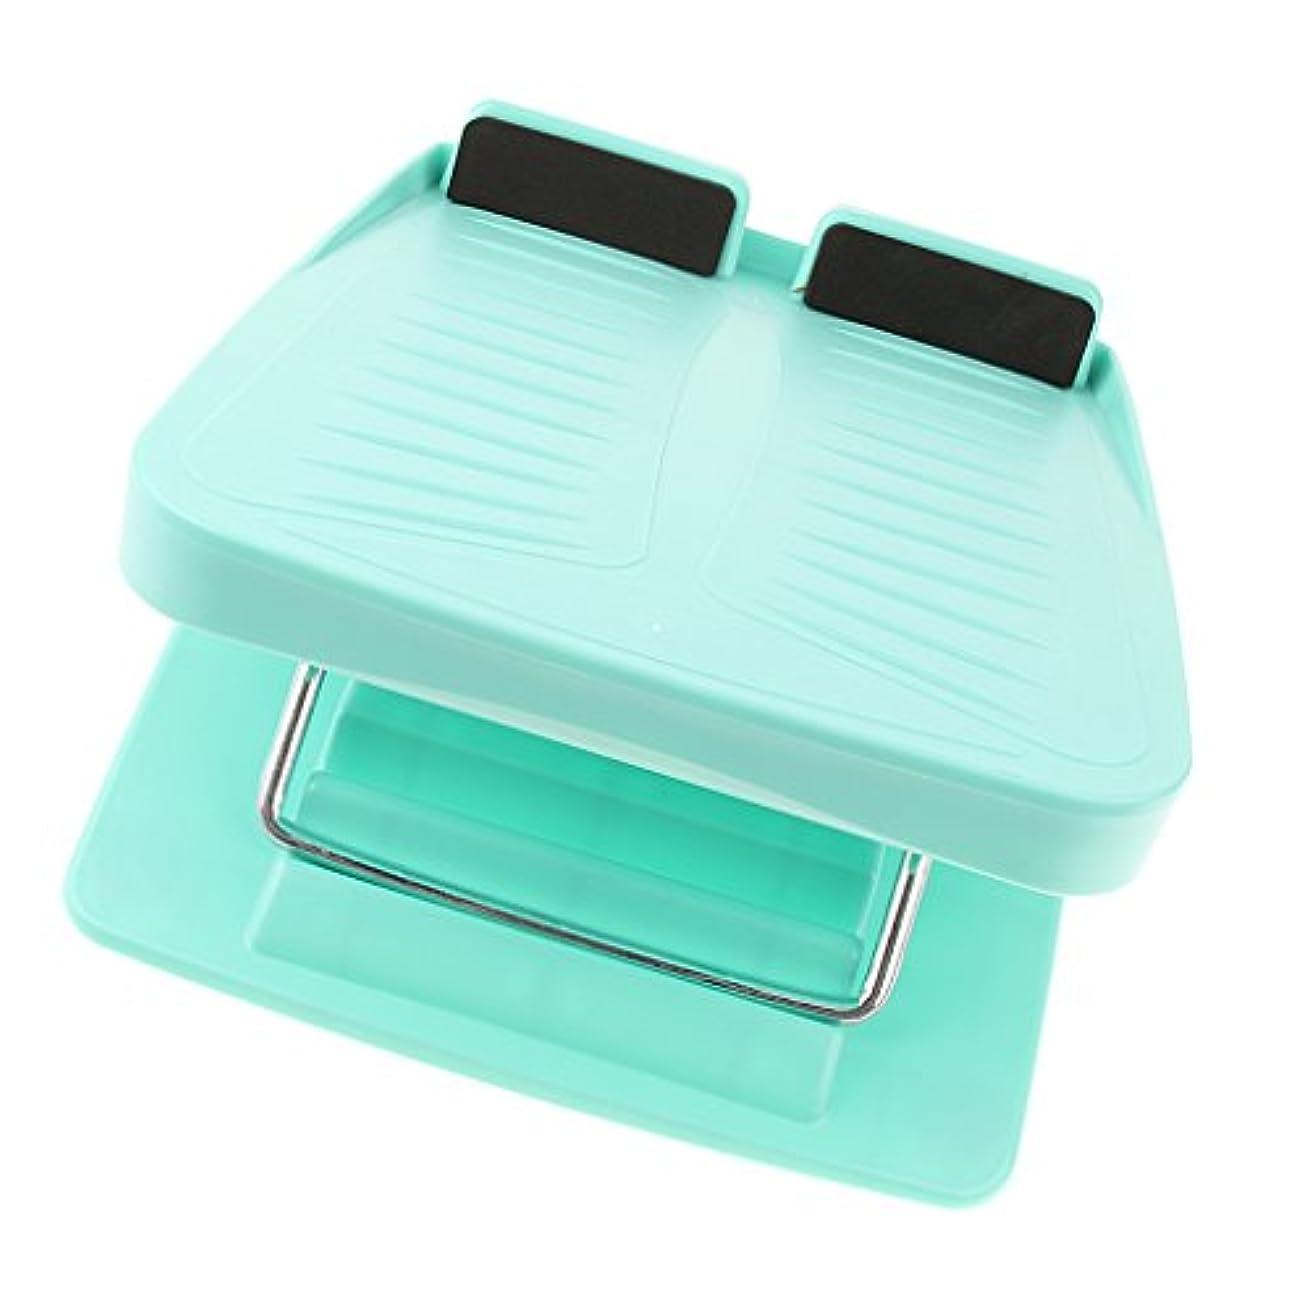 ワーカーカセット花に水をやる調整可能 スラントボード アンチスリップ カーフストレッチ 斜面ボード ウェッジストレッチャー 3色 - 青